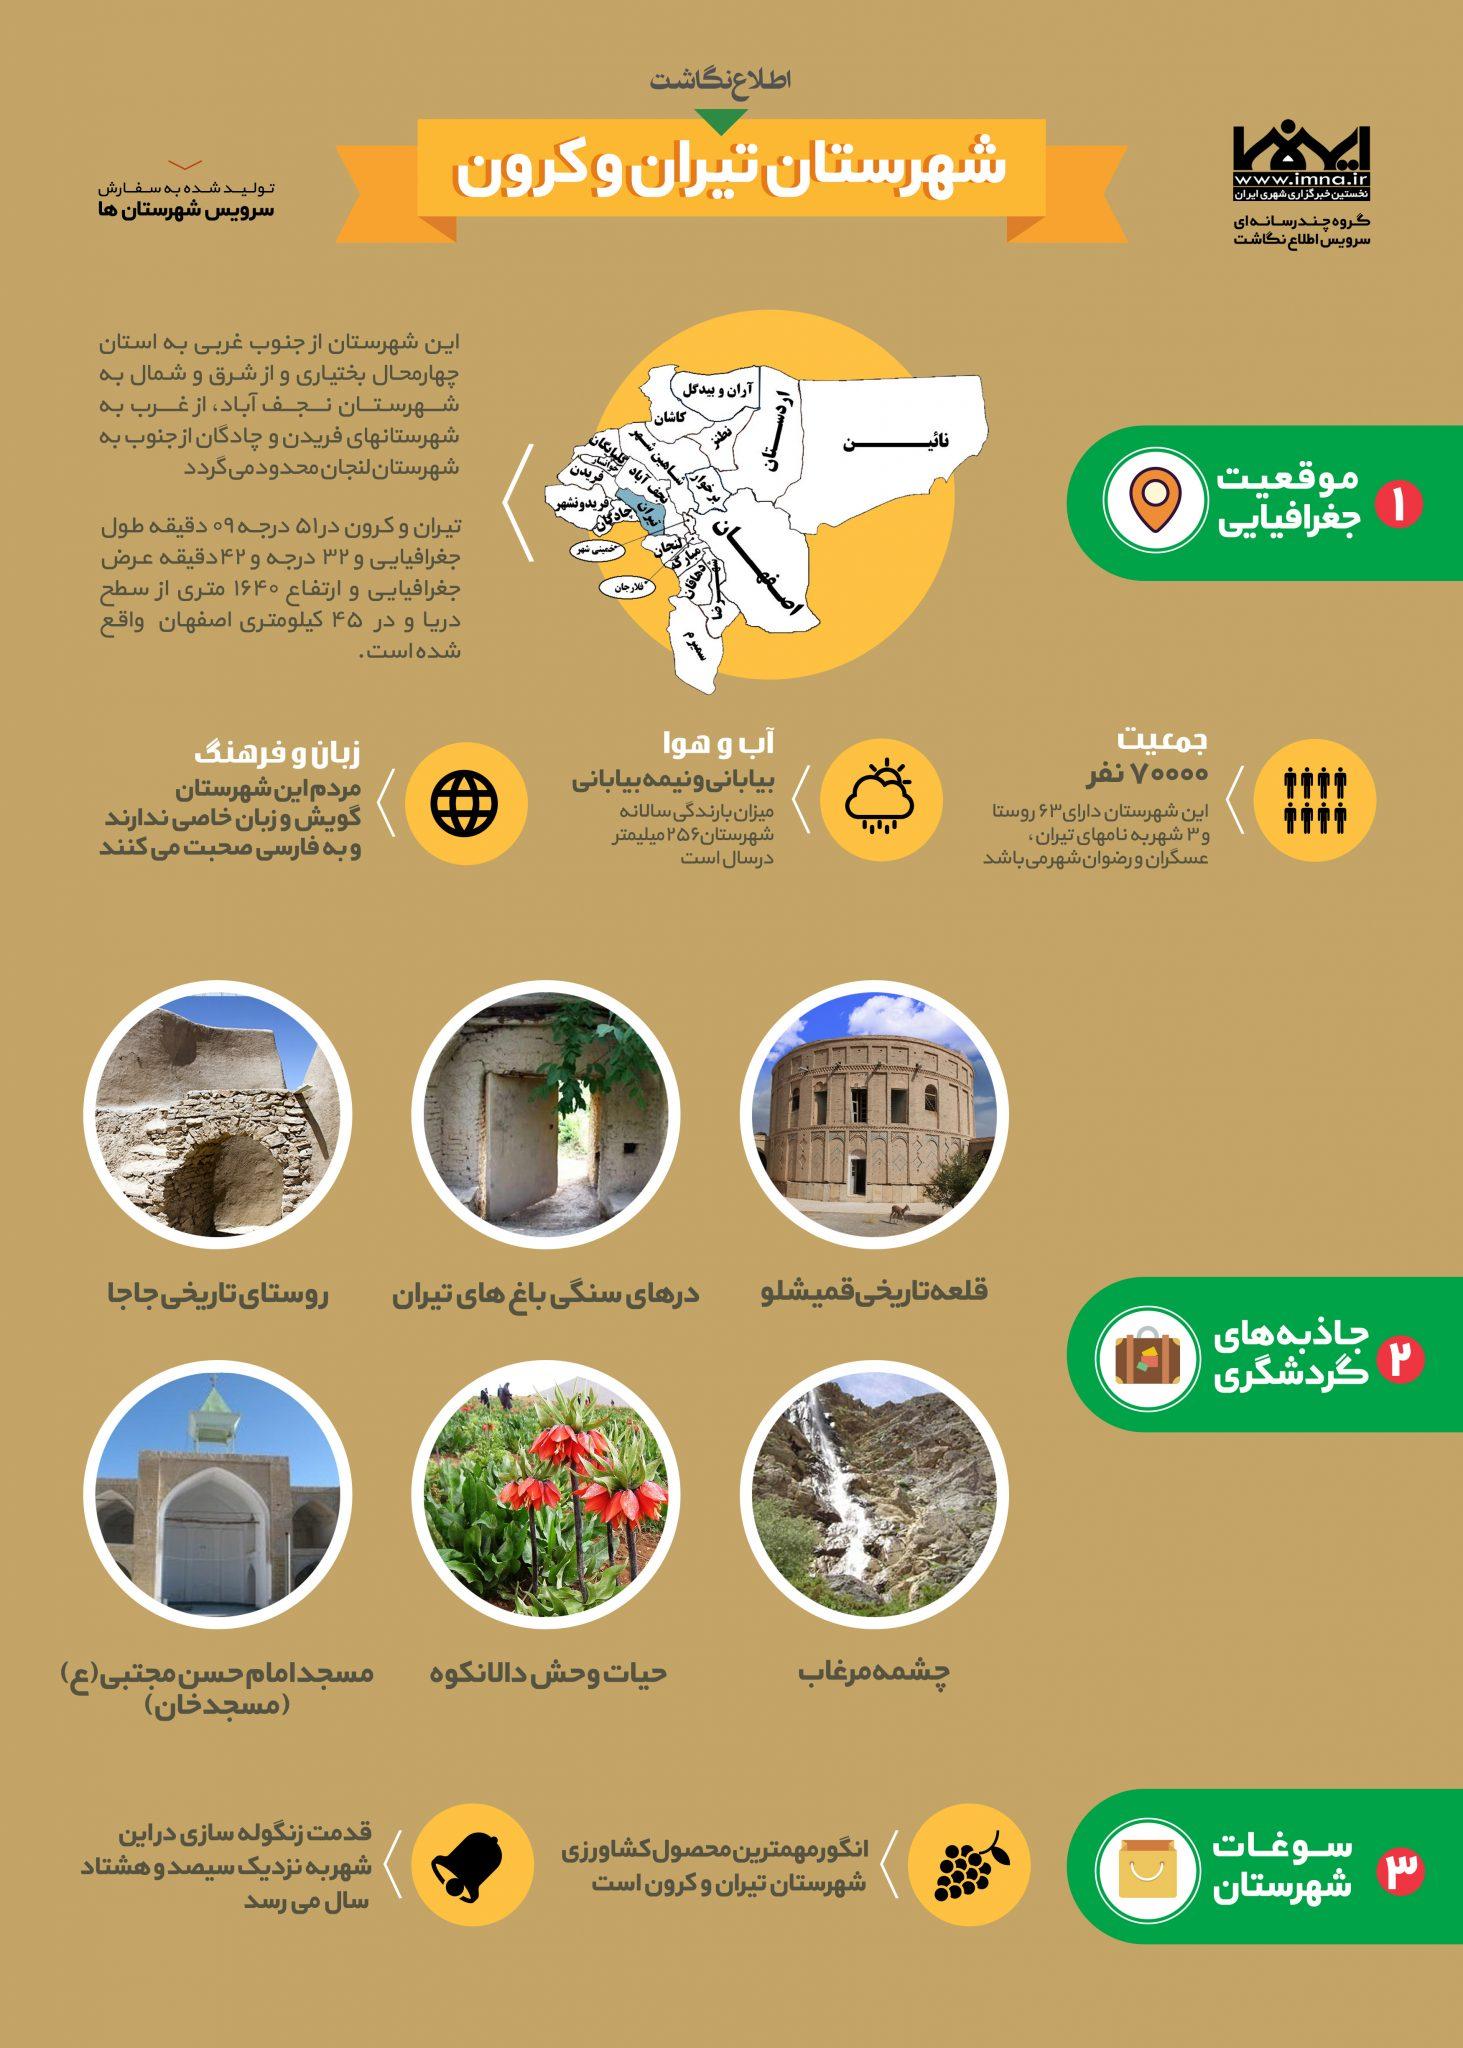 اینفوگرافیک شهرستان تیران و کرون